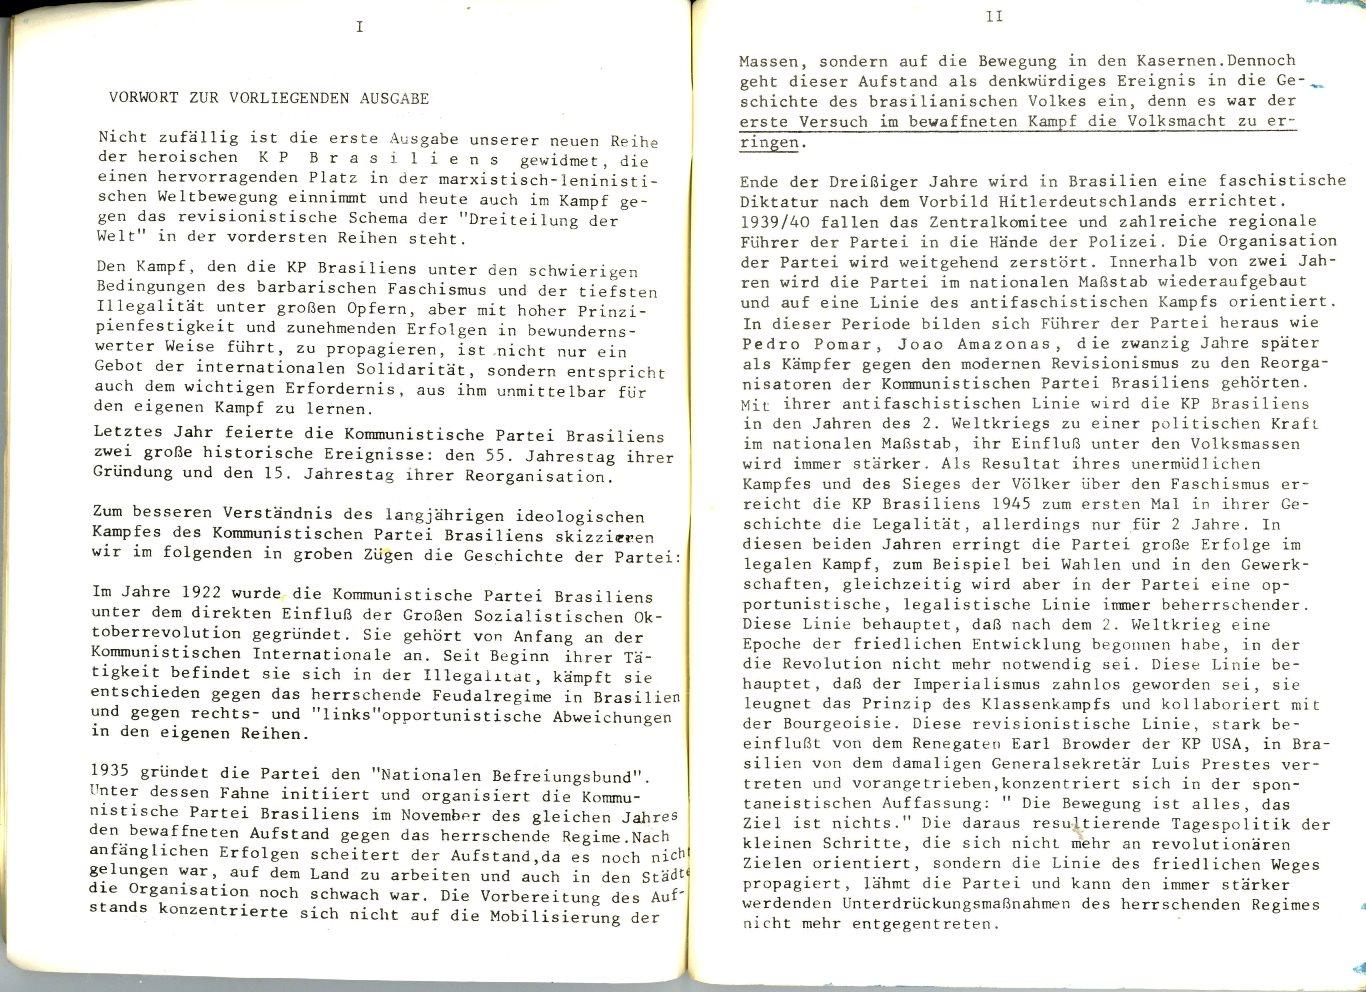 MLSK_Theorie_und_Praxis_des_ML_1978_20_04